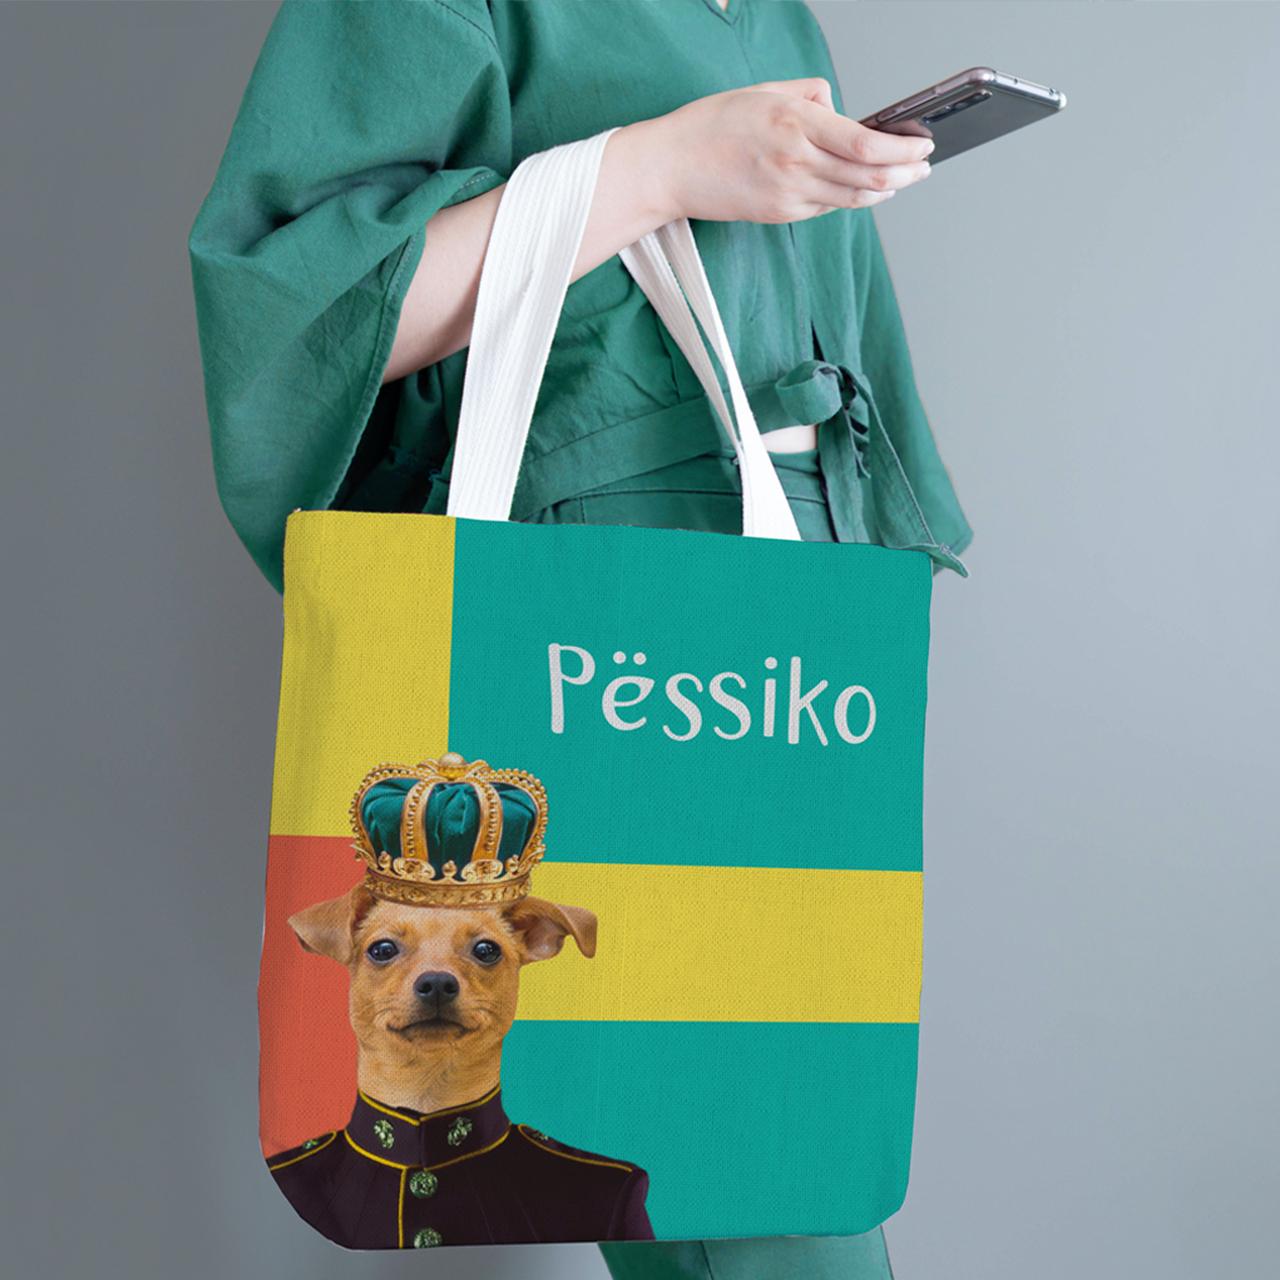 Айдентика бренда Пёссико на примере шоппера